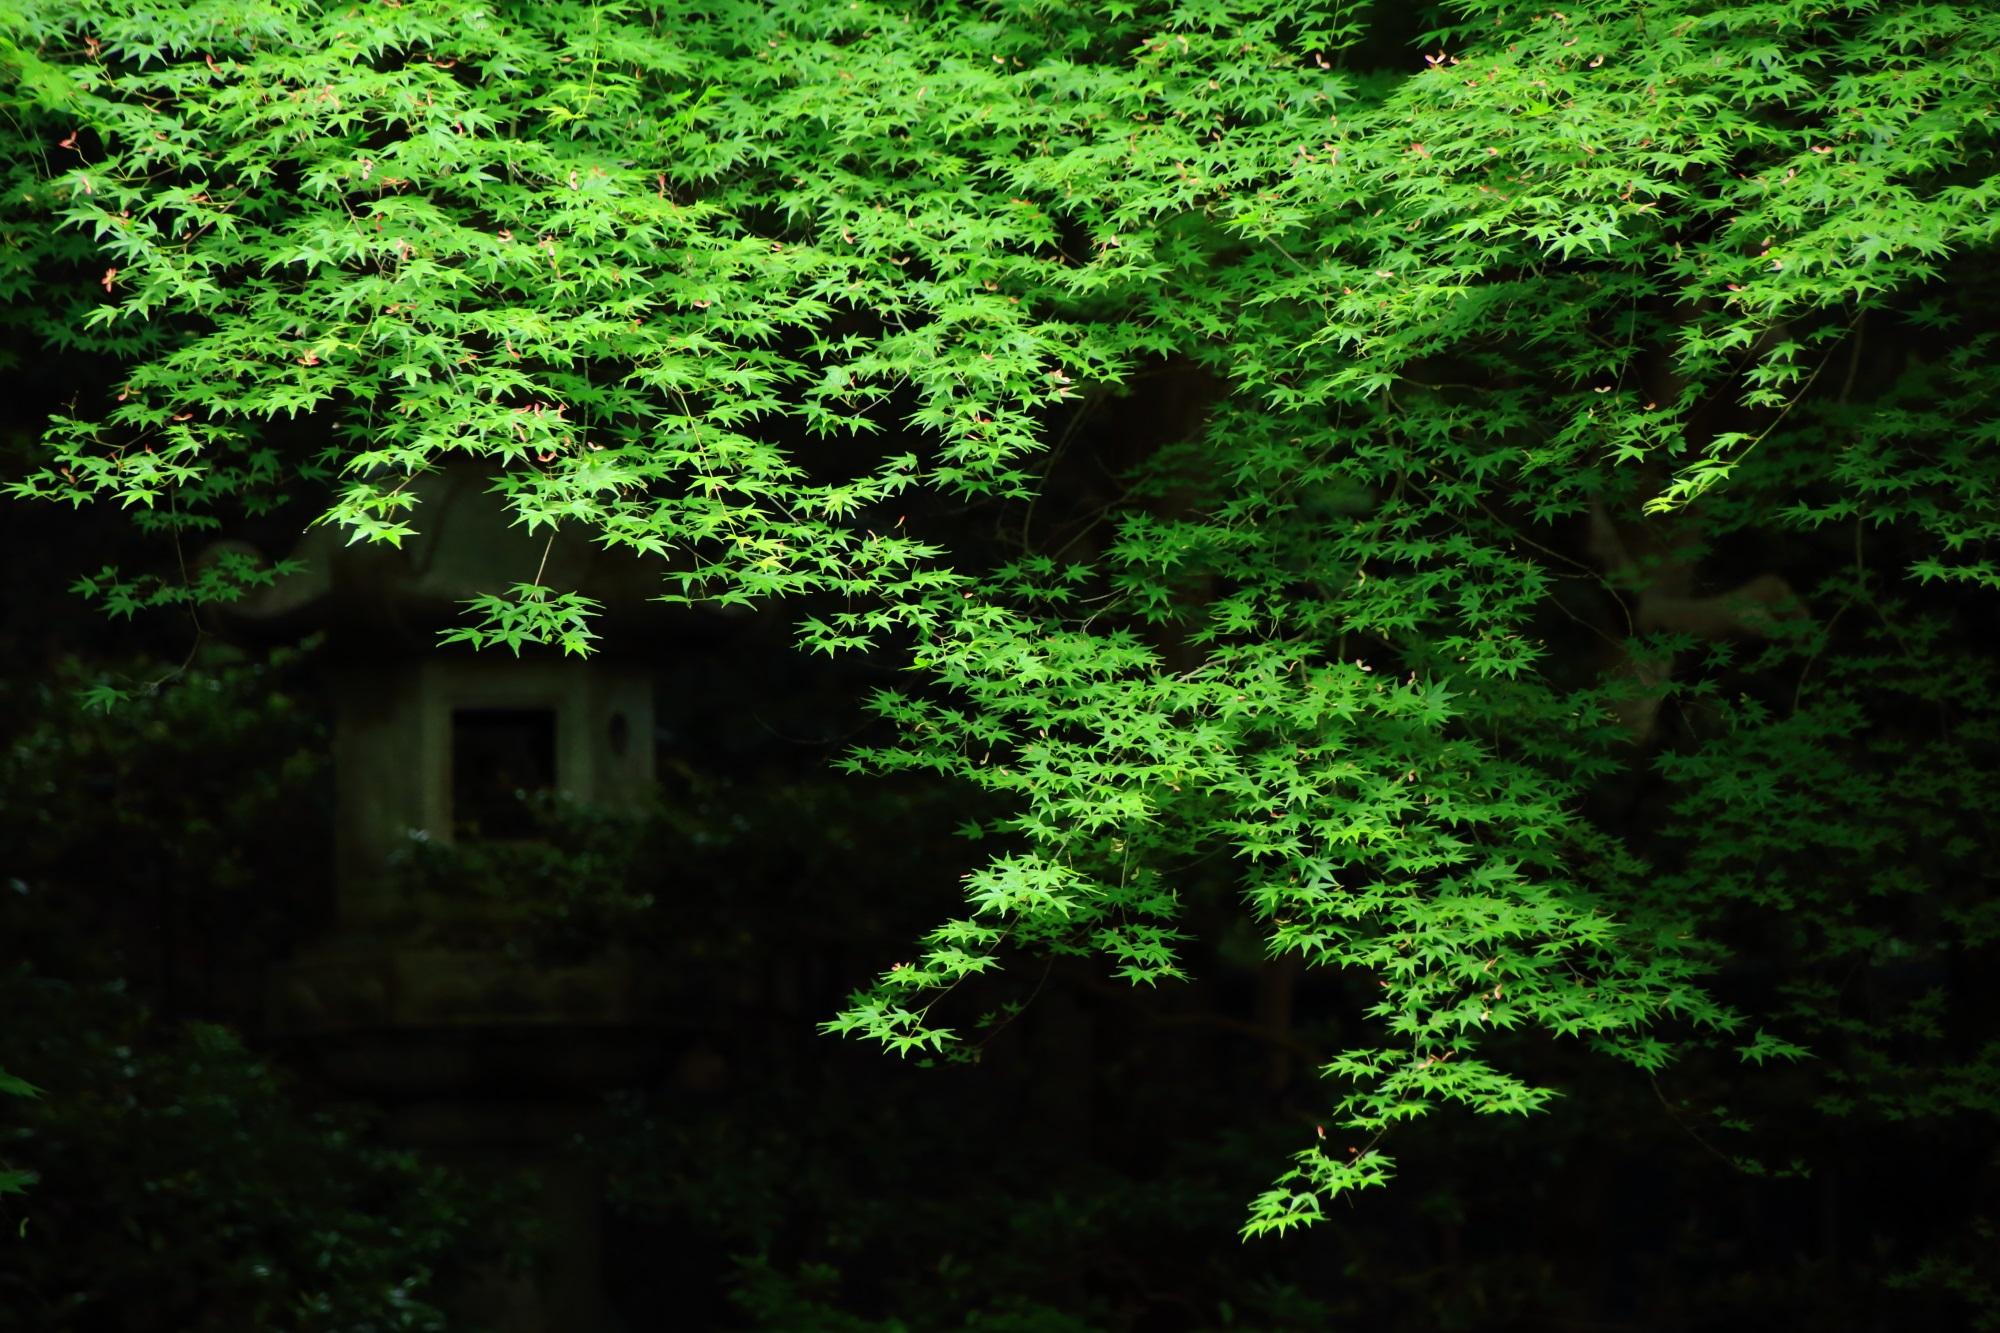 るりこういんの見事な新緑と燈籠